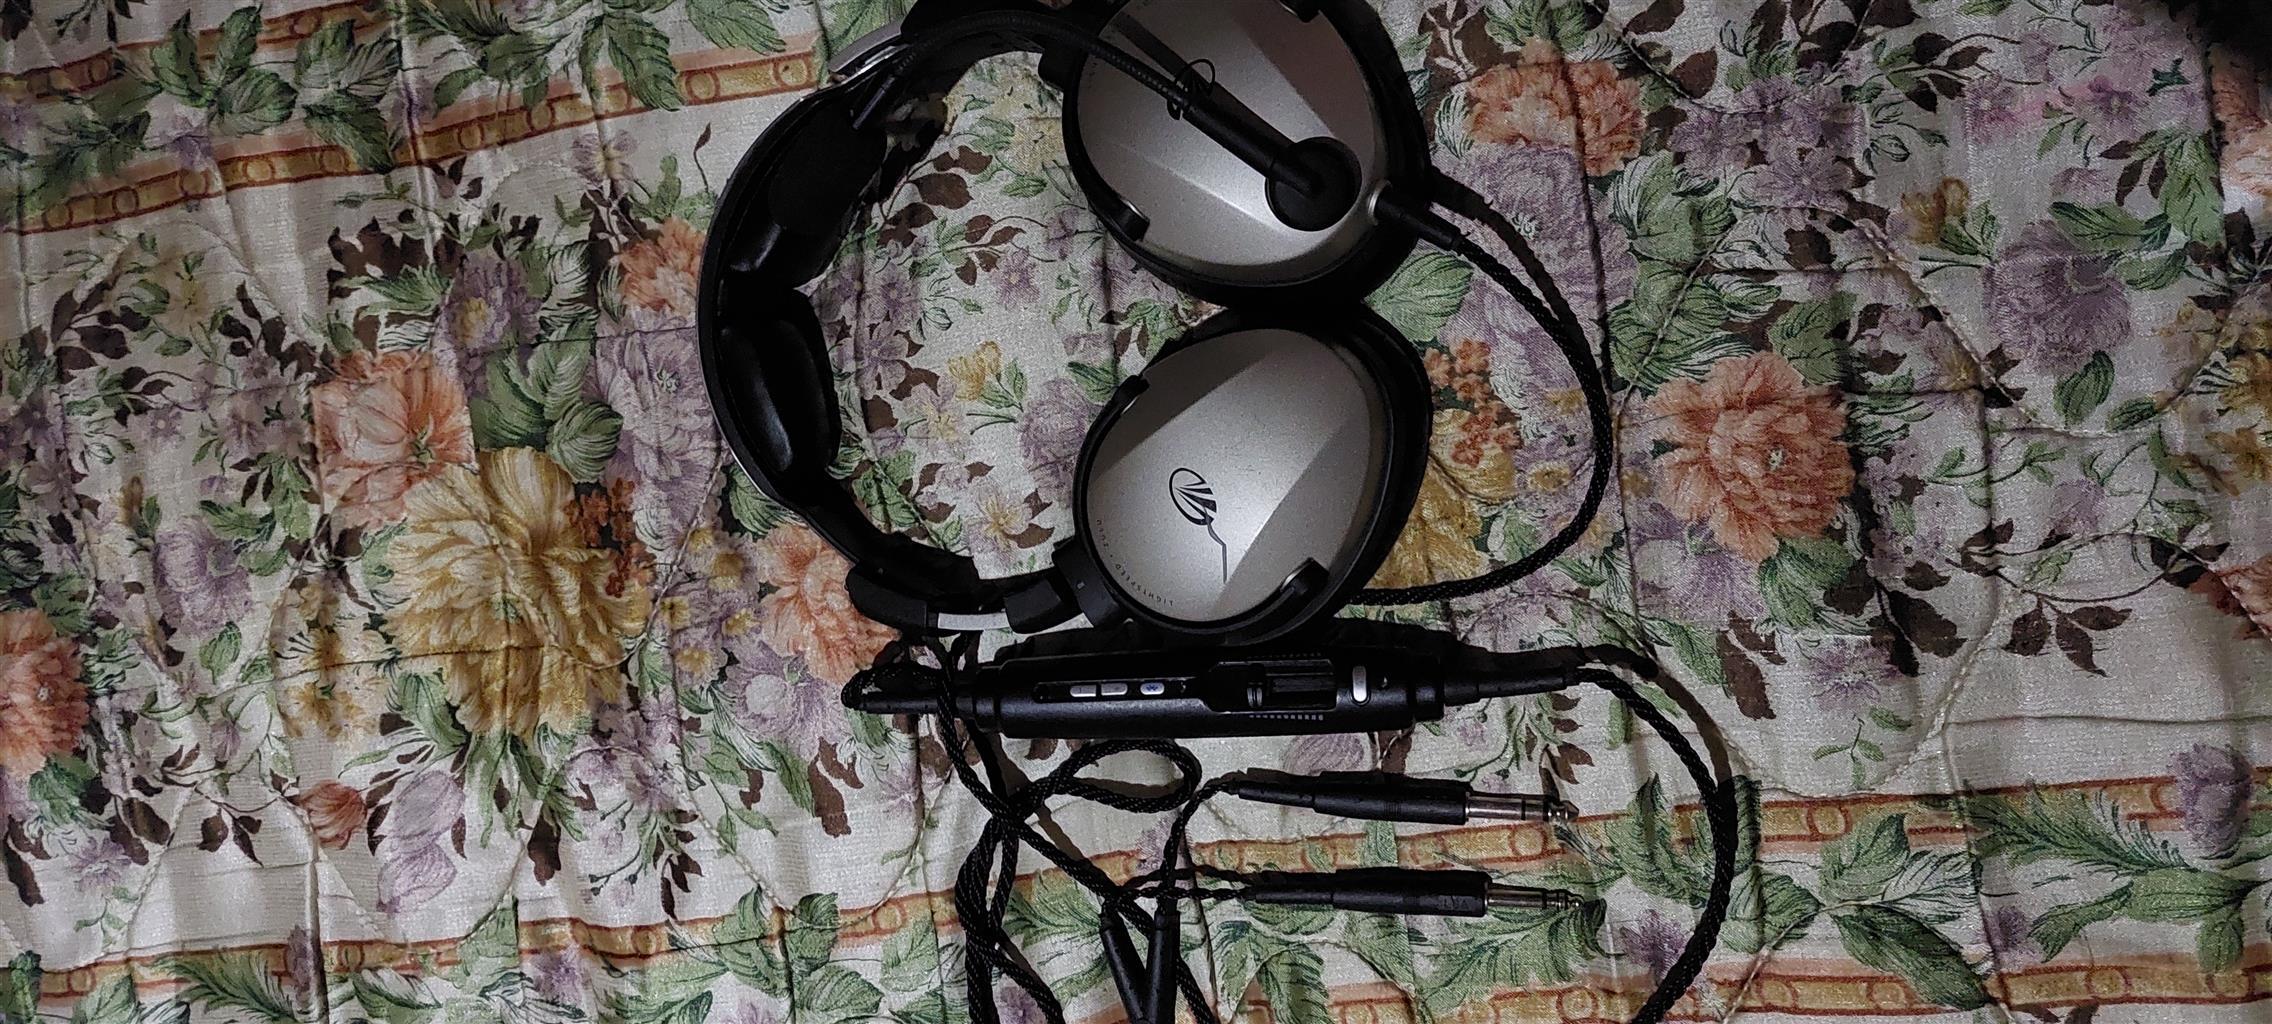 Lightspeed zulu 3 aviation headsets